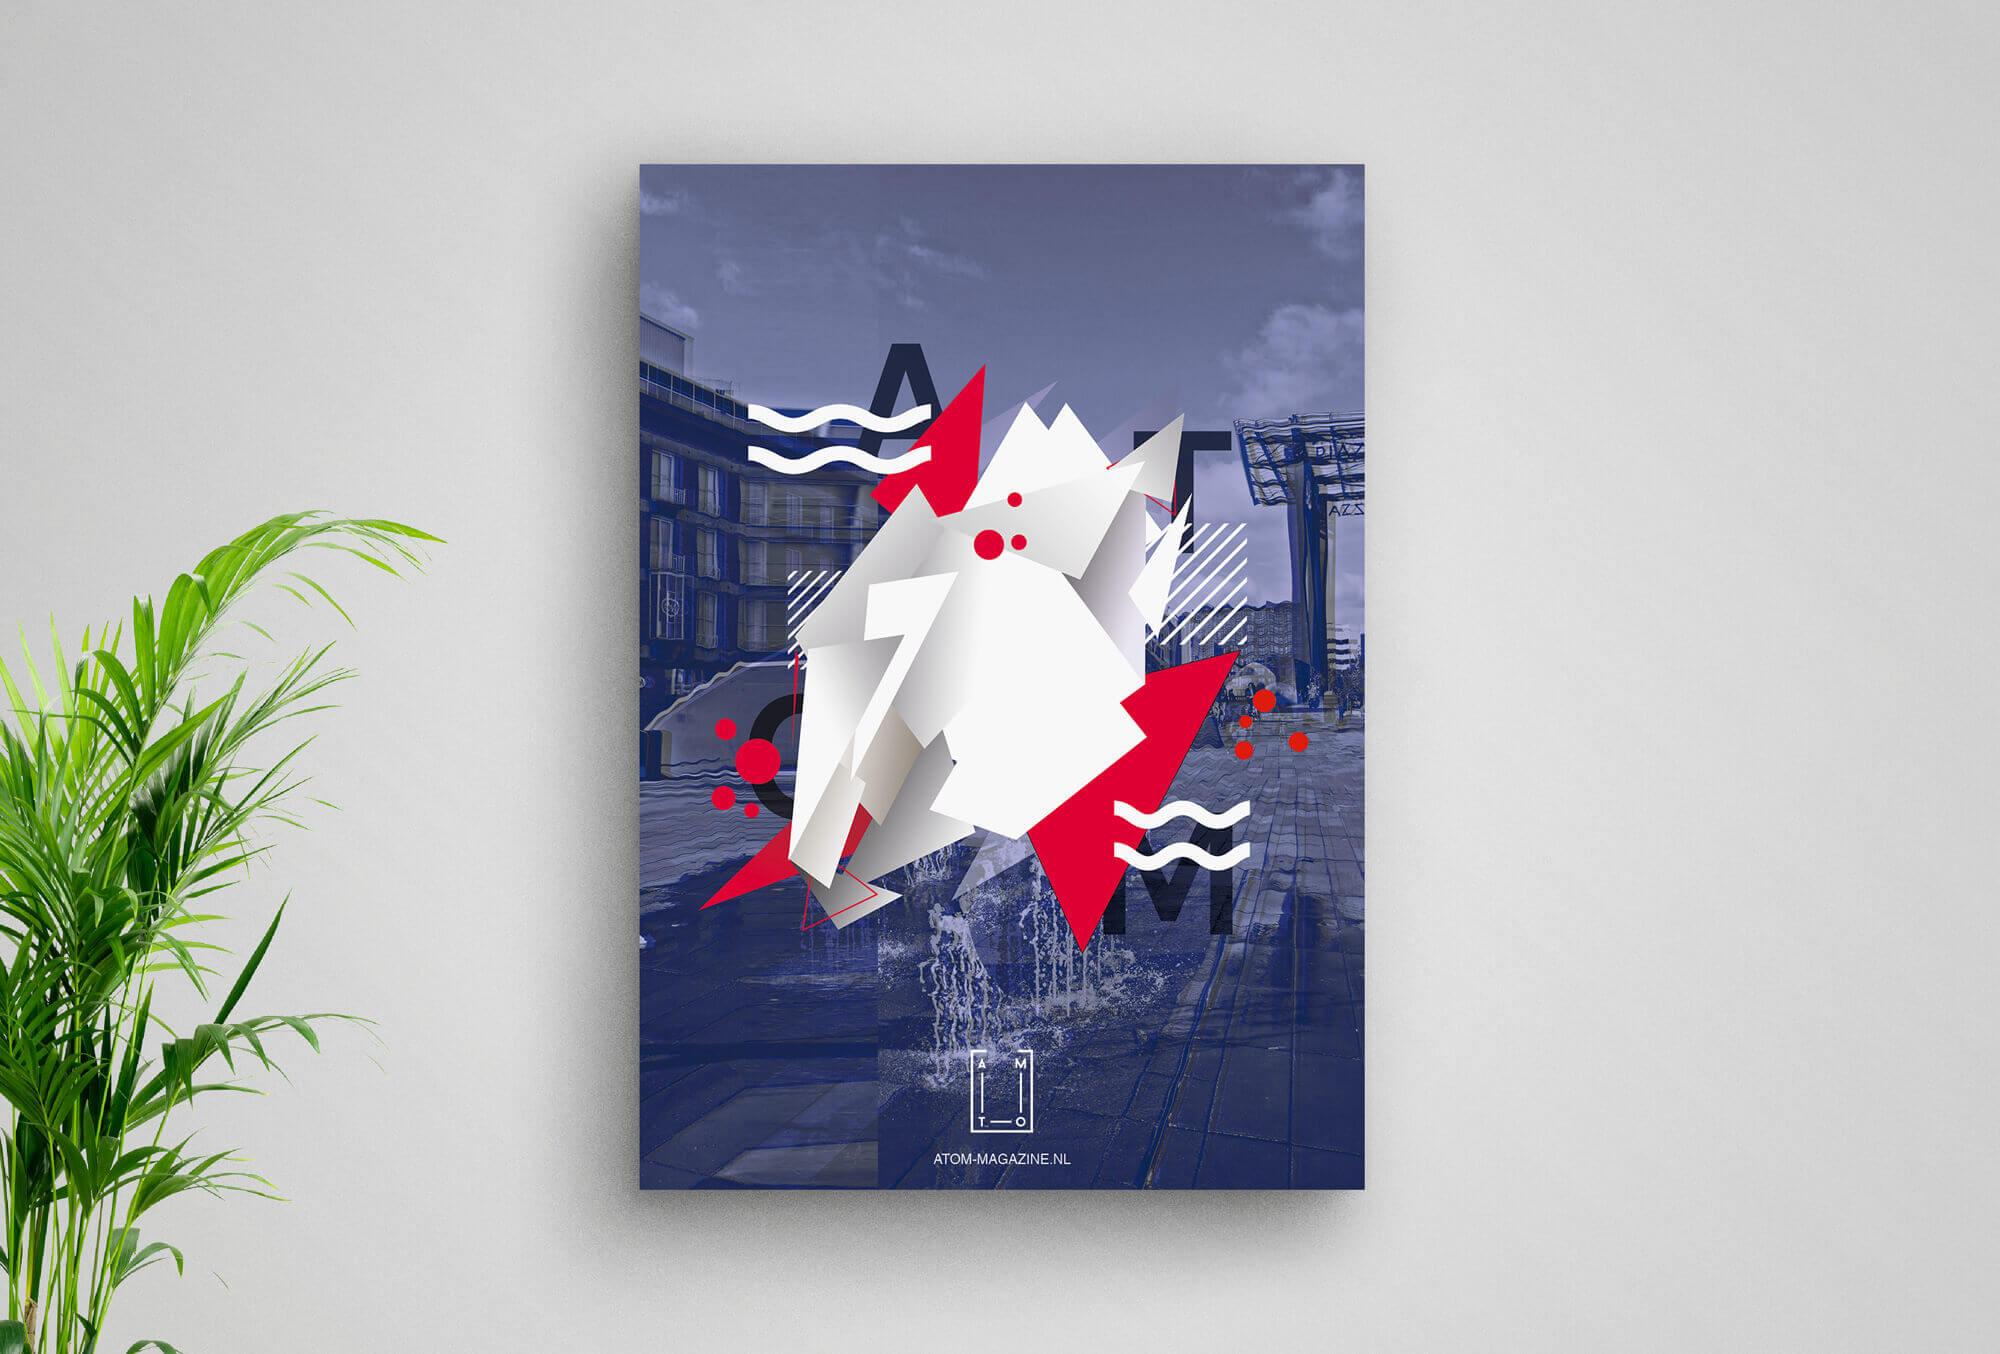 poster_atom_mockup2